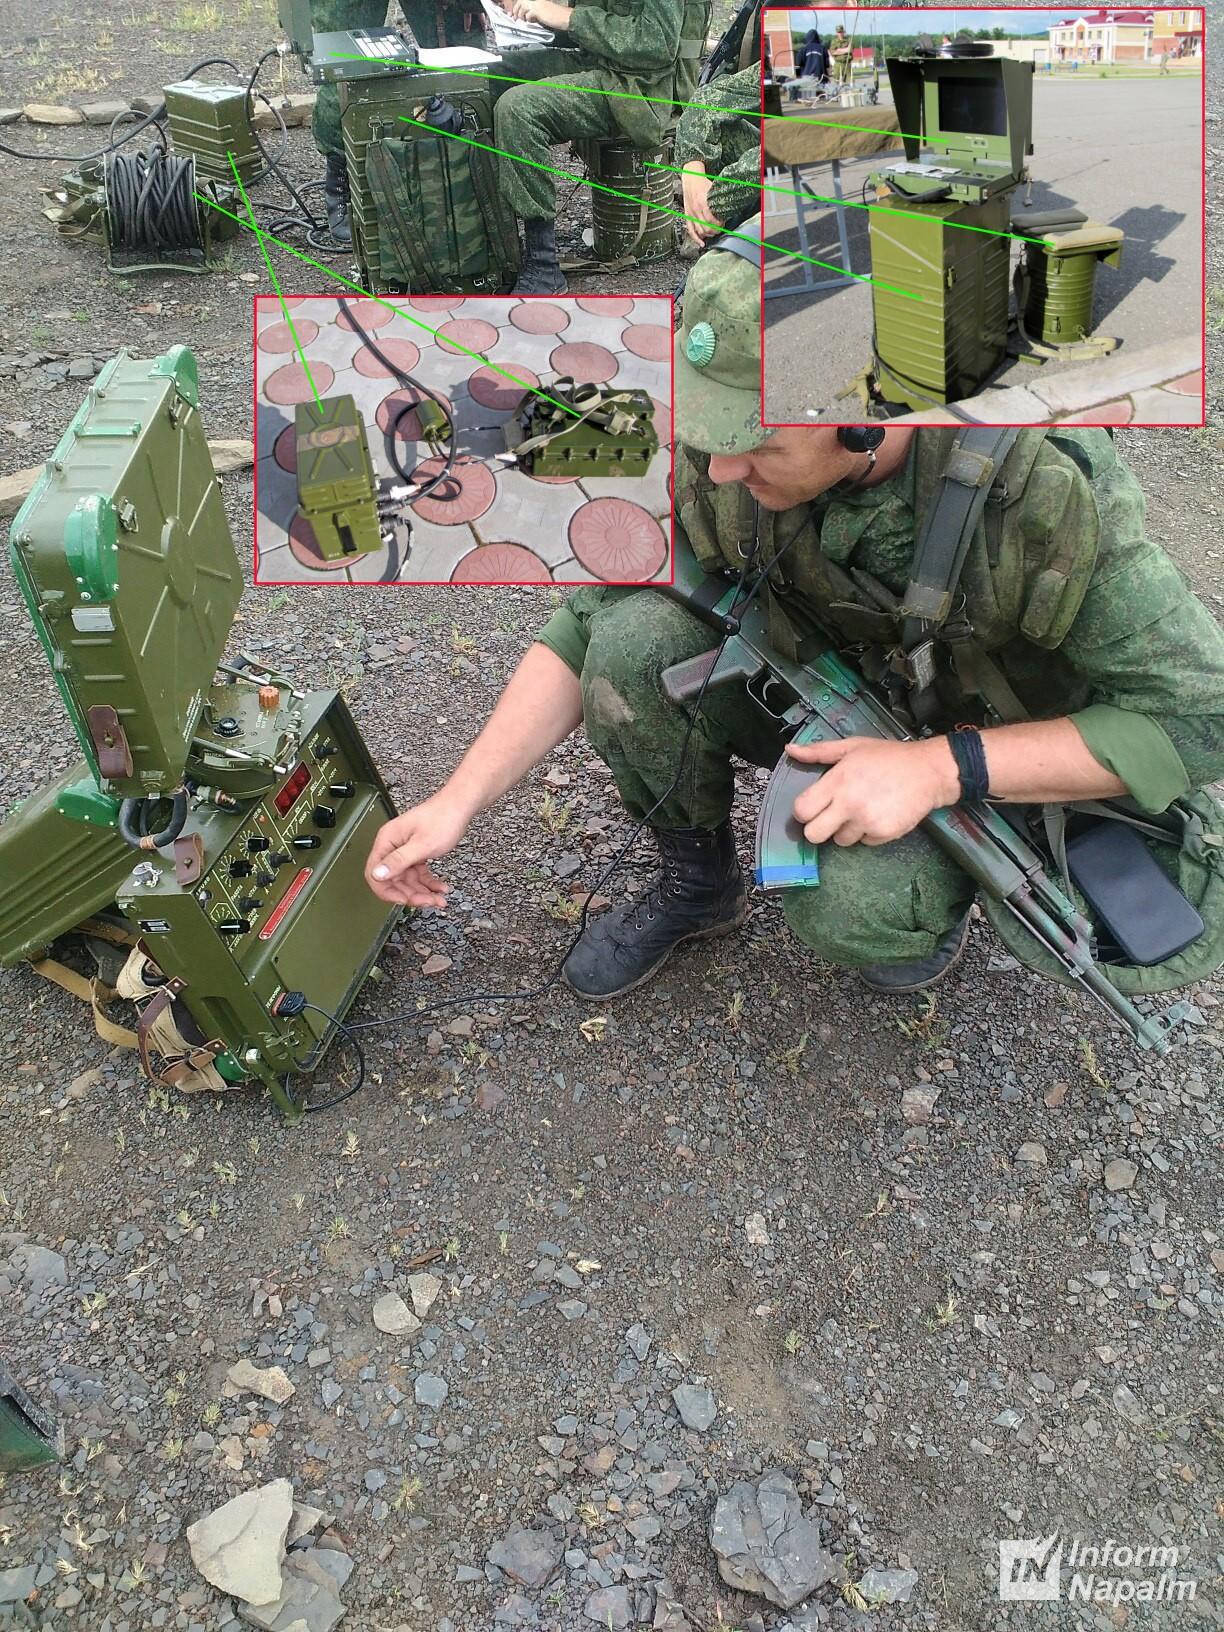 Avancerad rysk PSNR-8 markspaningsradar i östra Ukraina